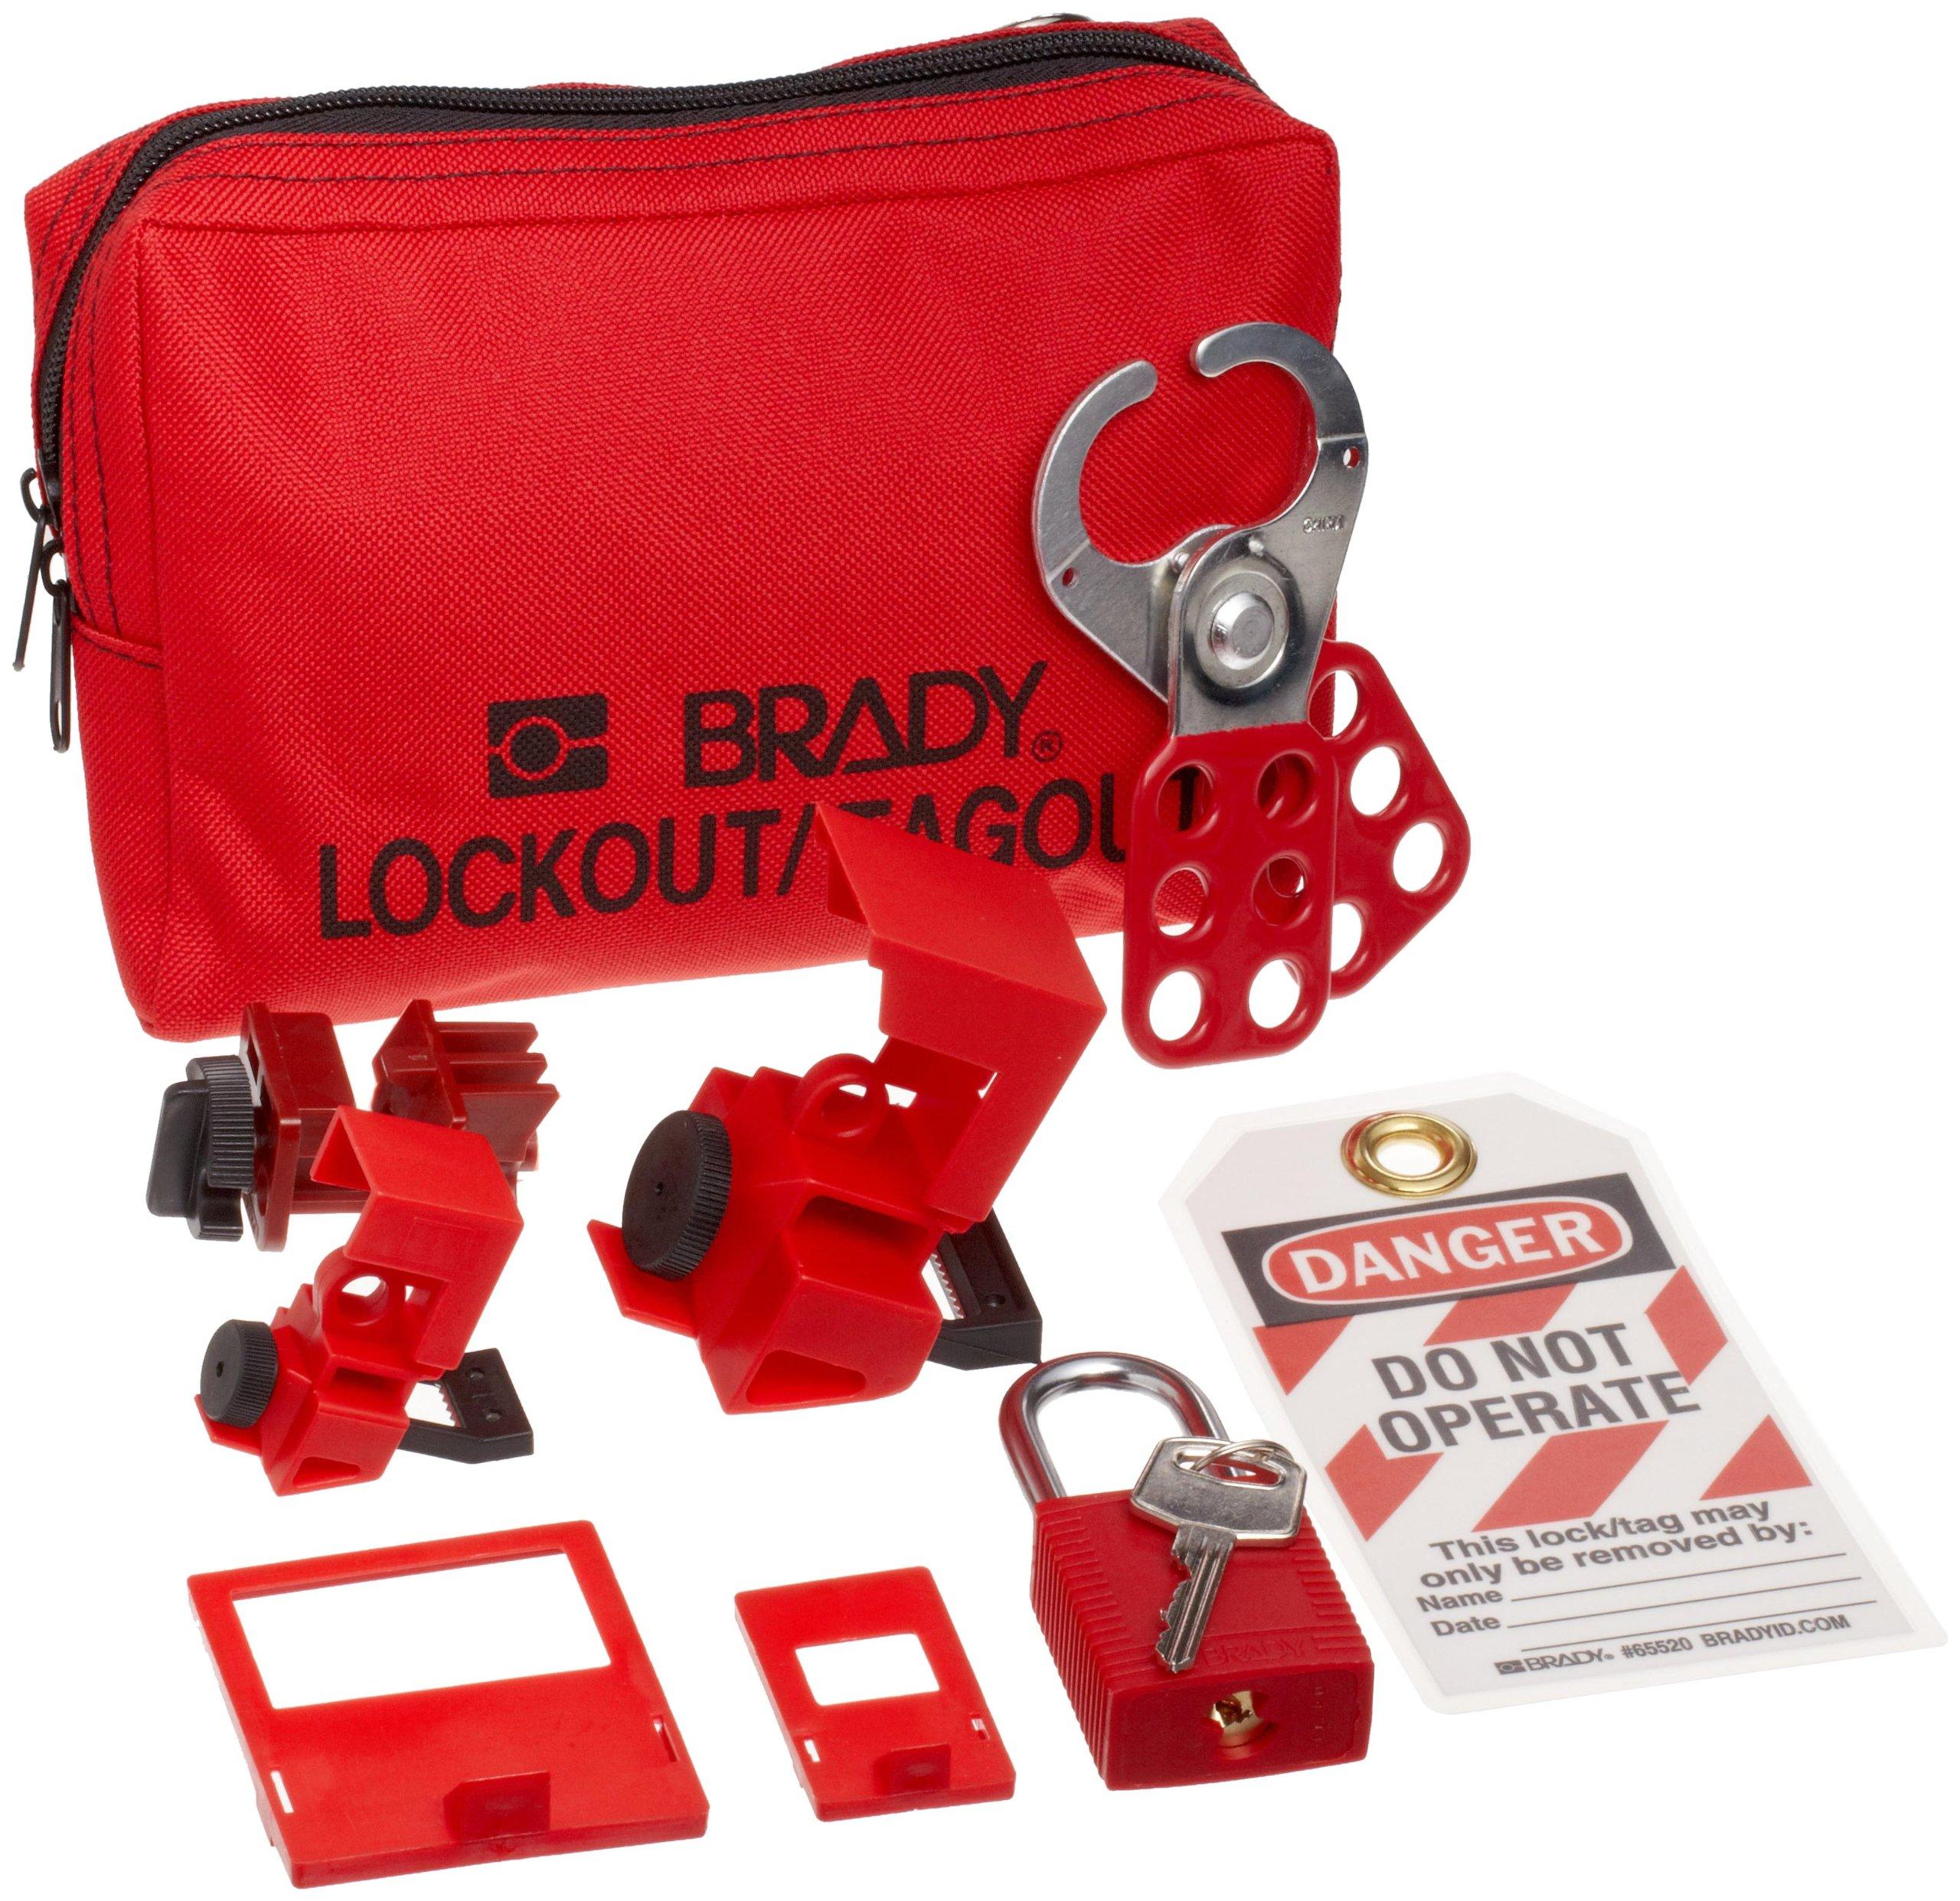 Brady Breaker Lockout Sampler Pouch Kit, Includes 2 Safety Padlocks